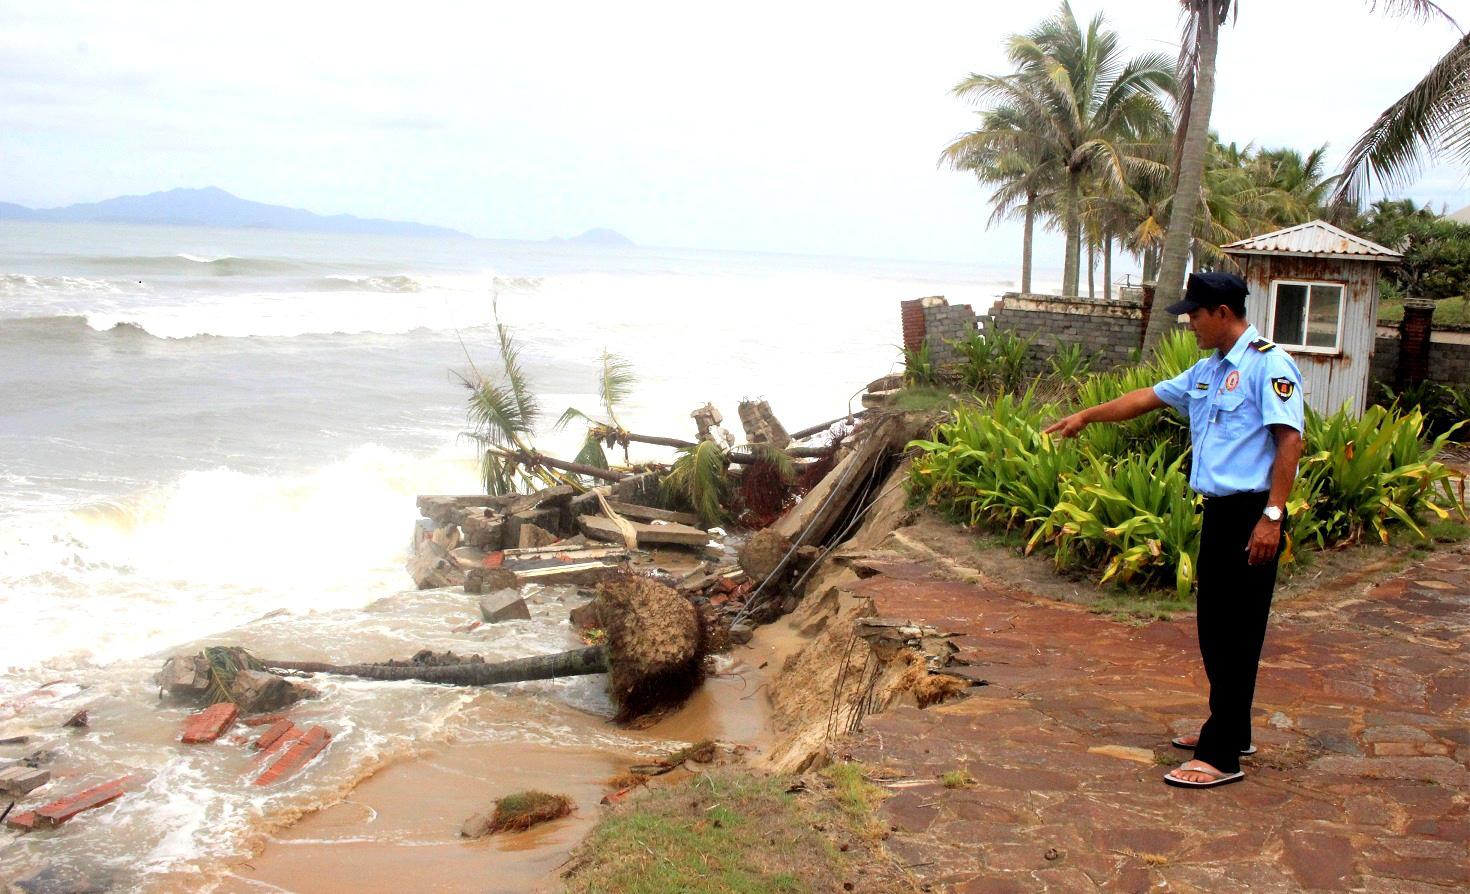 Quảng Nam: 200 tỷ đồng chống xói lở khẩn cấp bờ biển Cửa Đại - Ảnh 1.